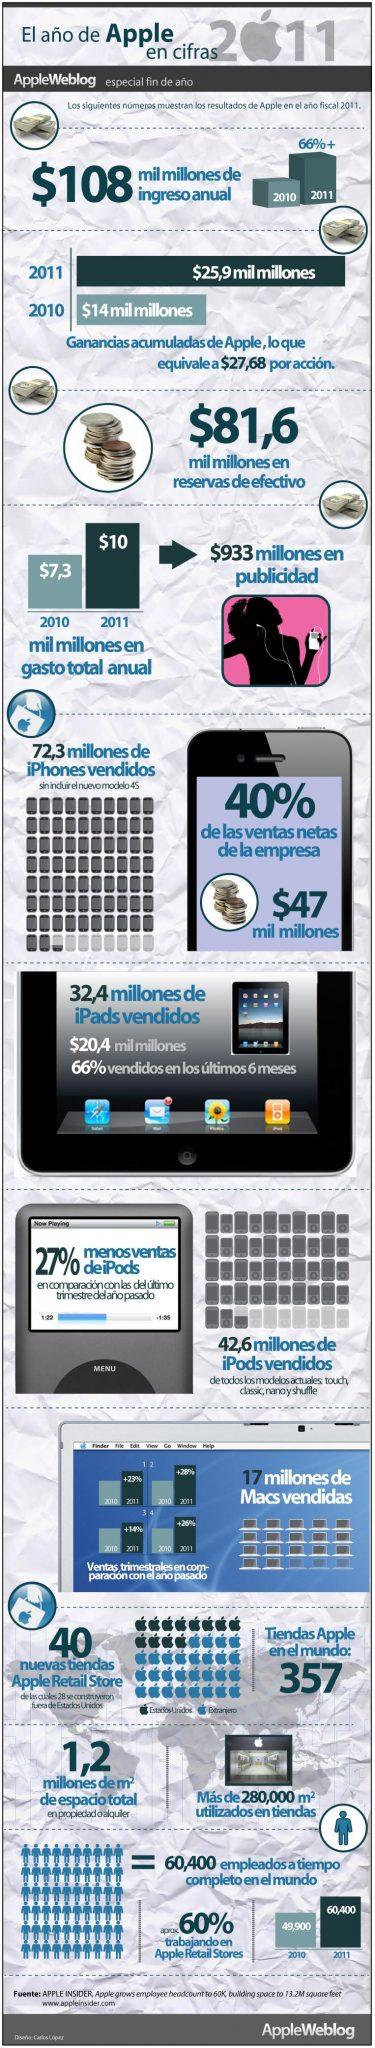 El éxito de Apple #infografía